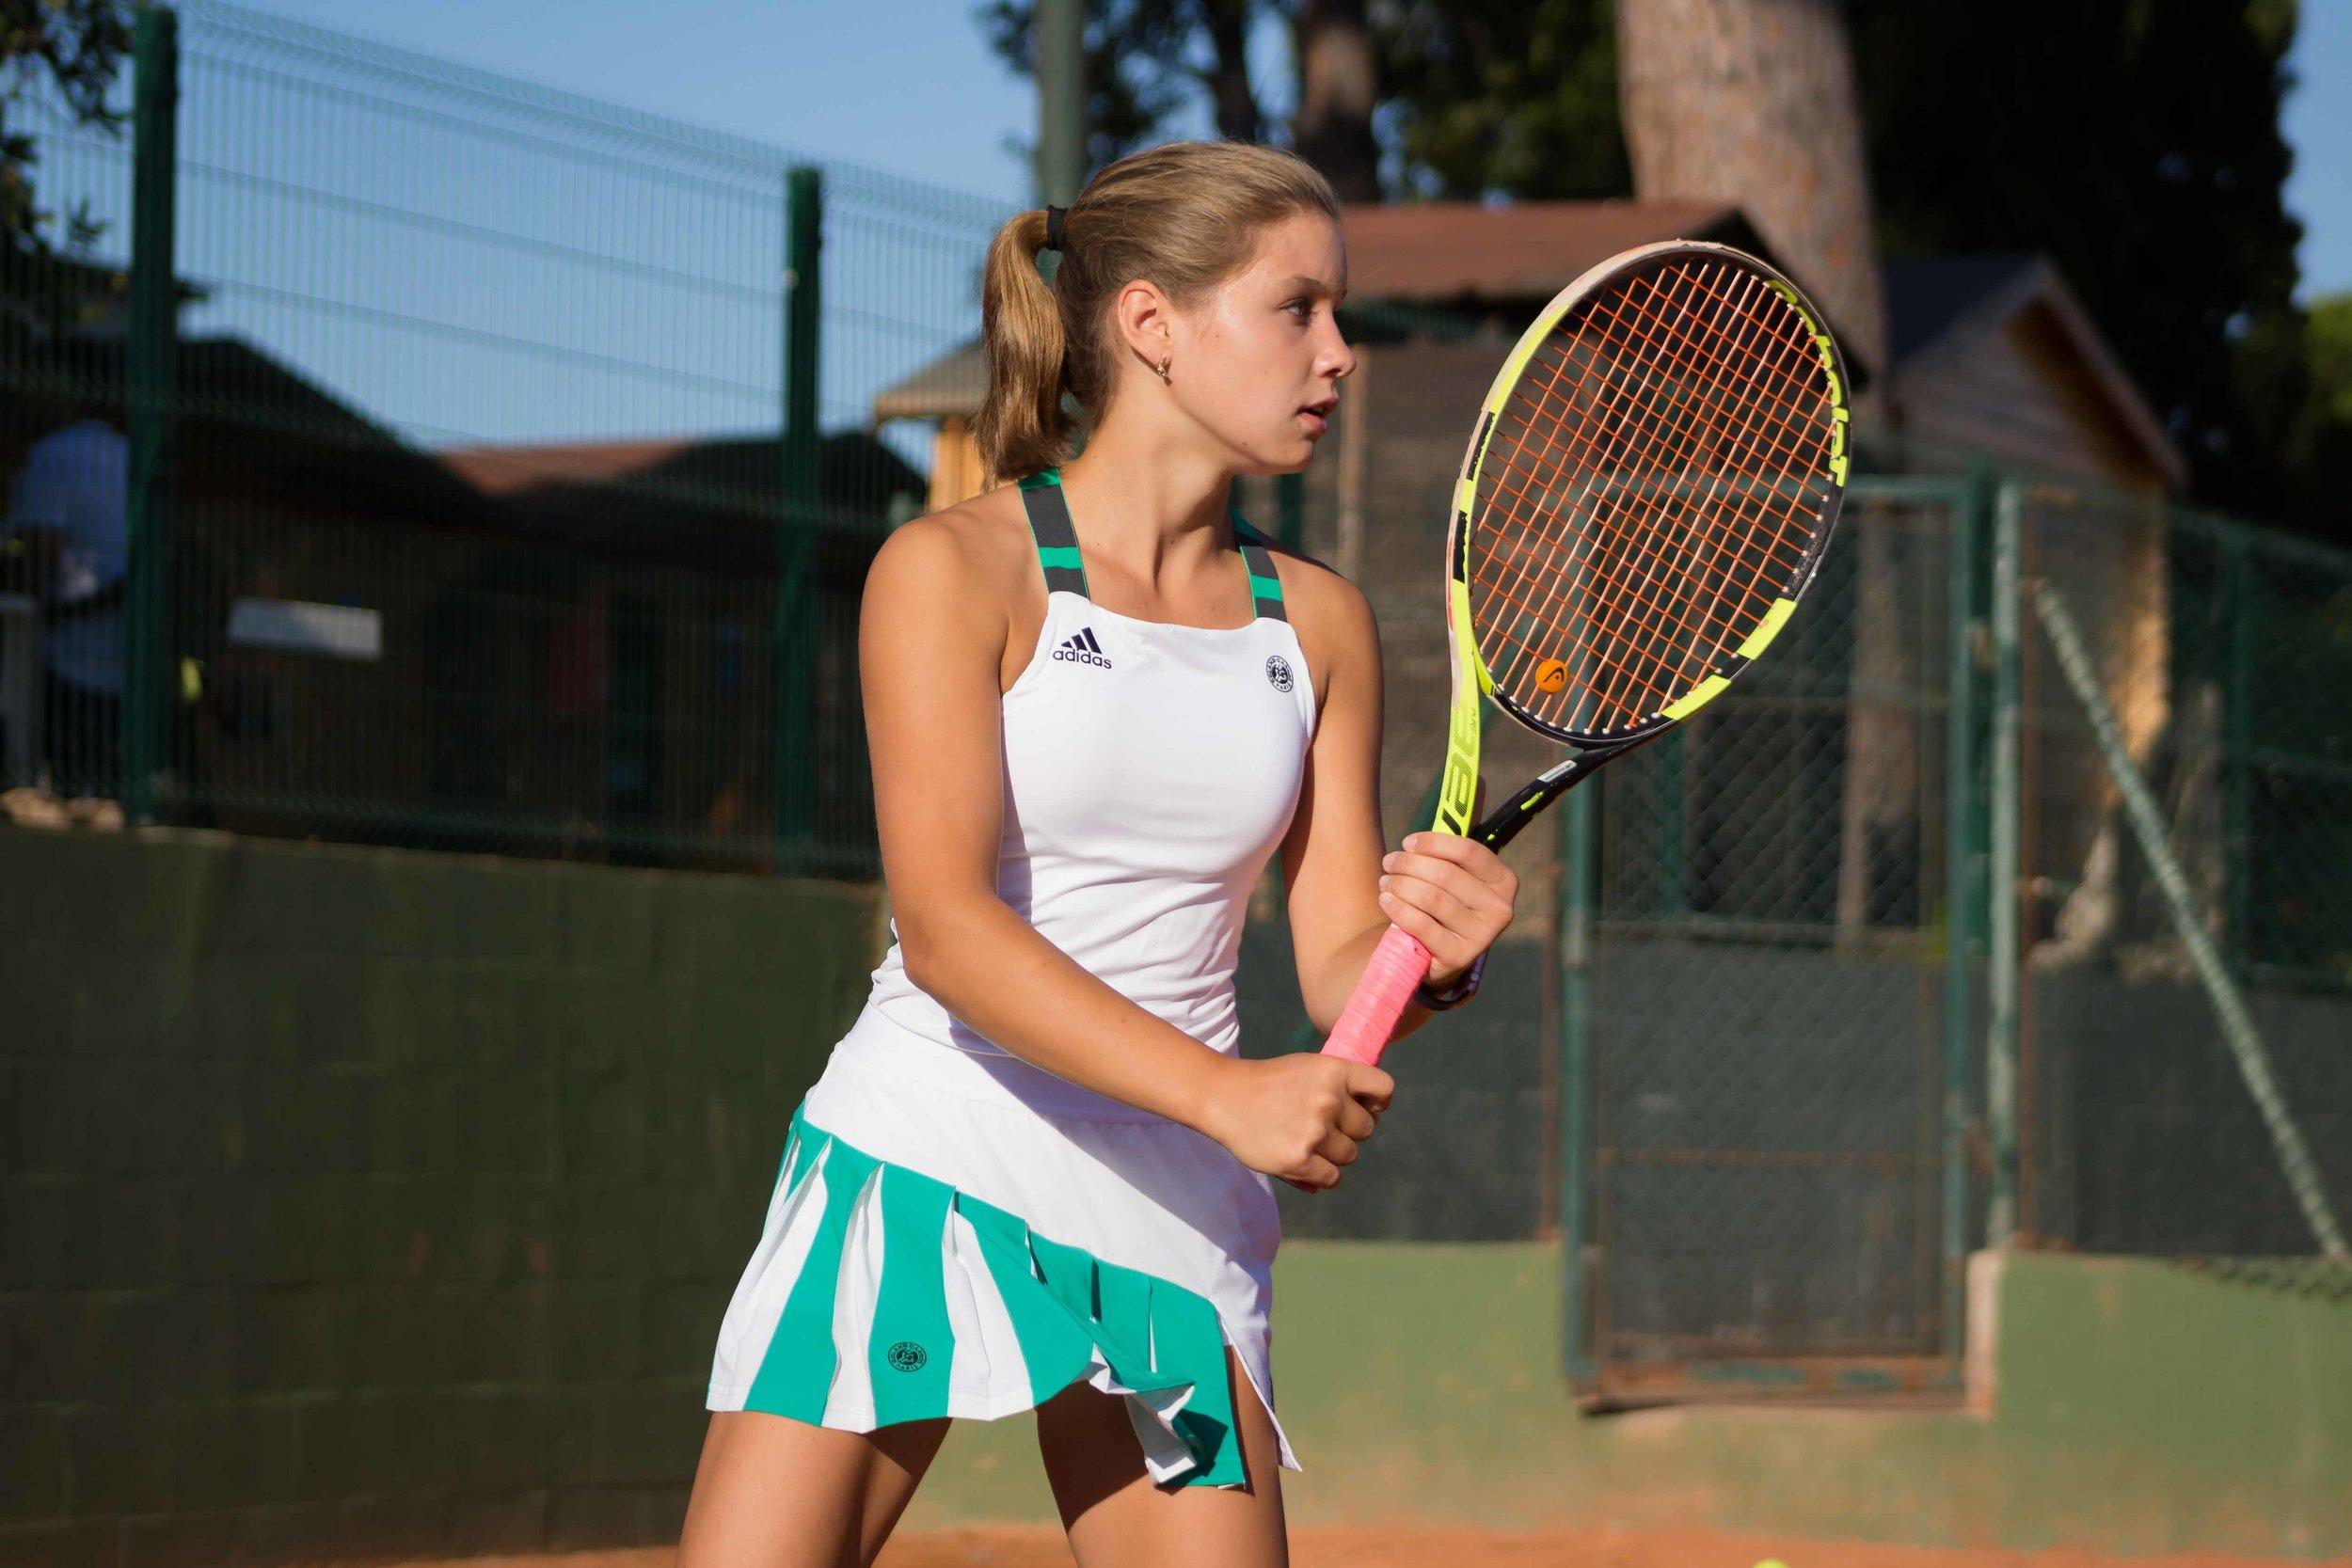 sport-photography-by-karolina-sznycer